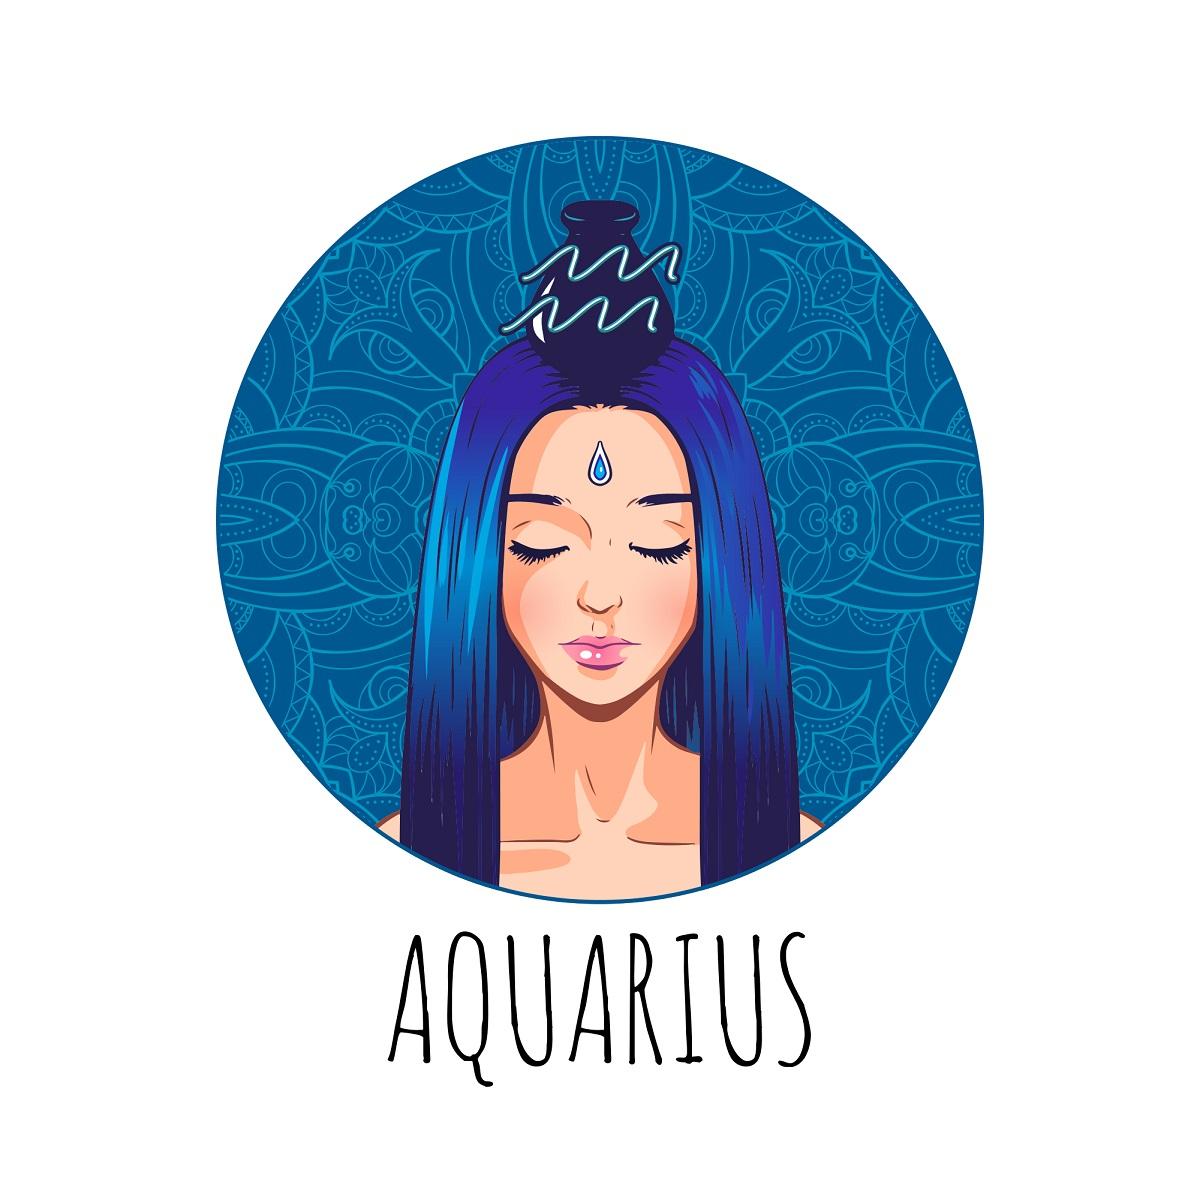 o femeie frumoasă care reprezintă zodia vărsătorului și stă într-un cadran albastru